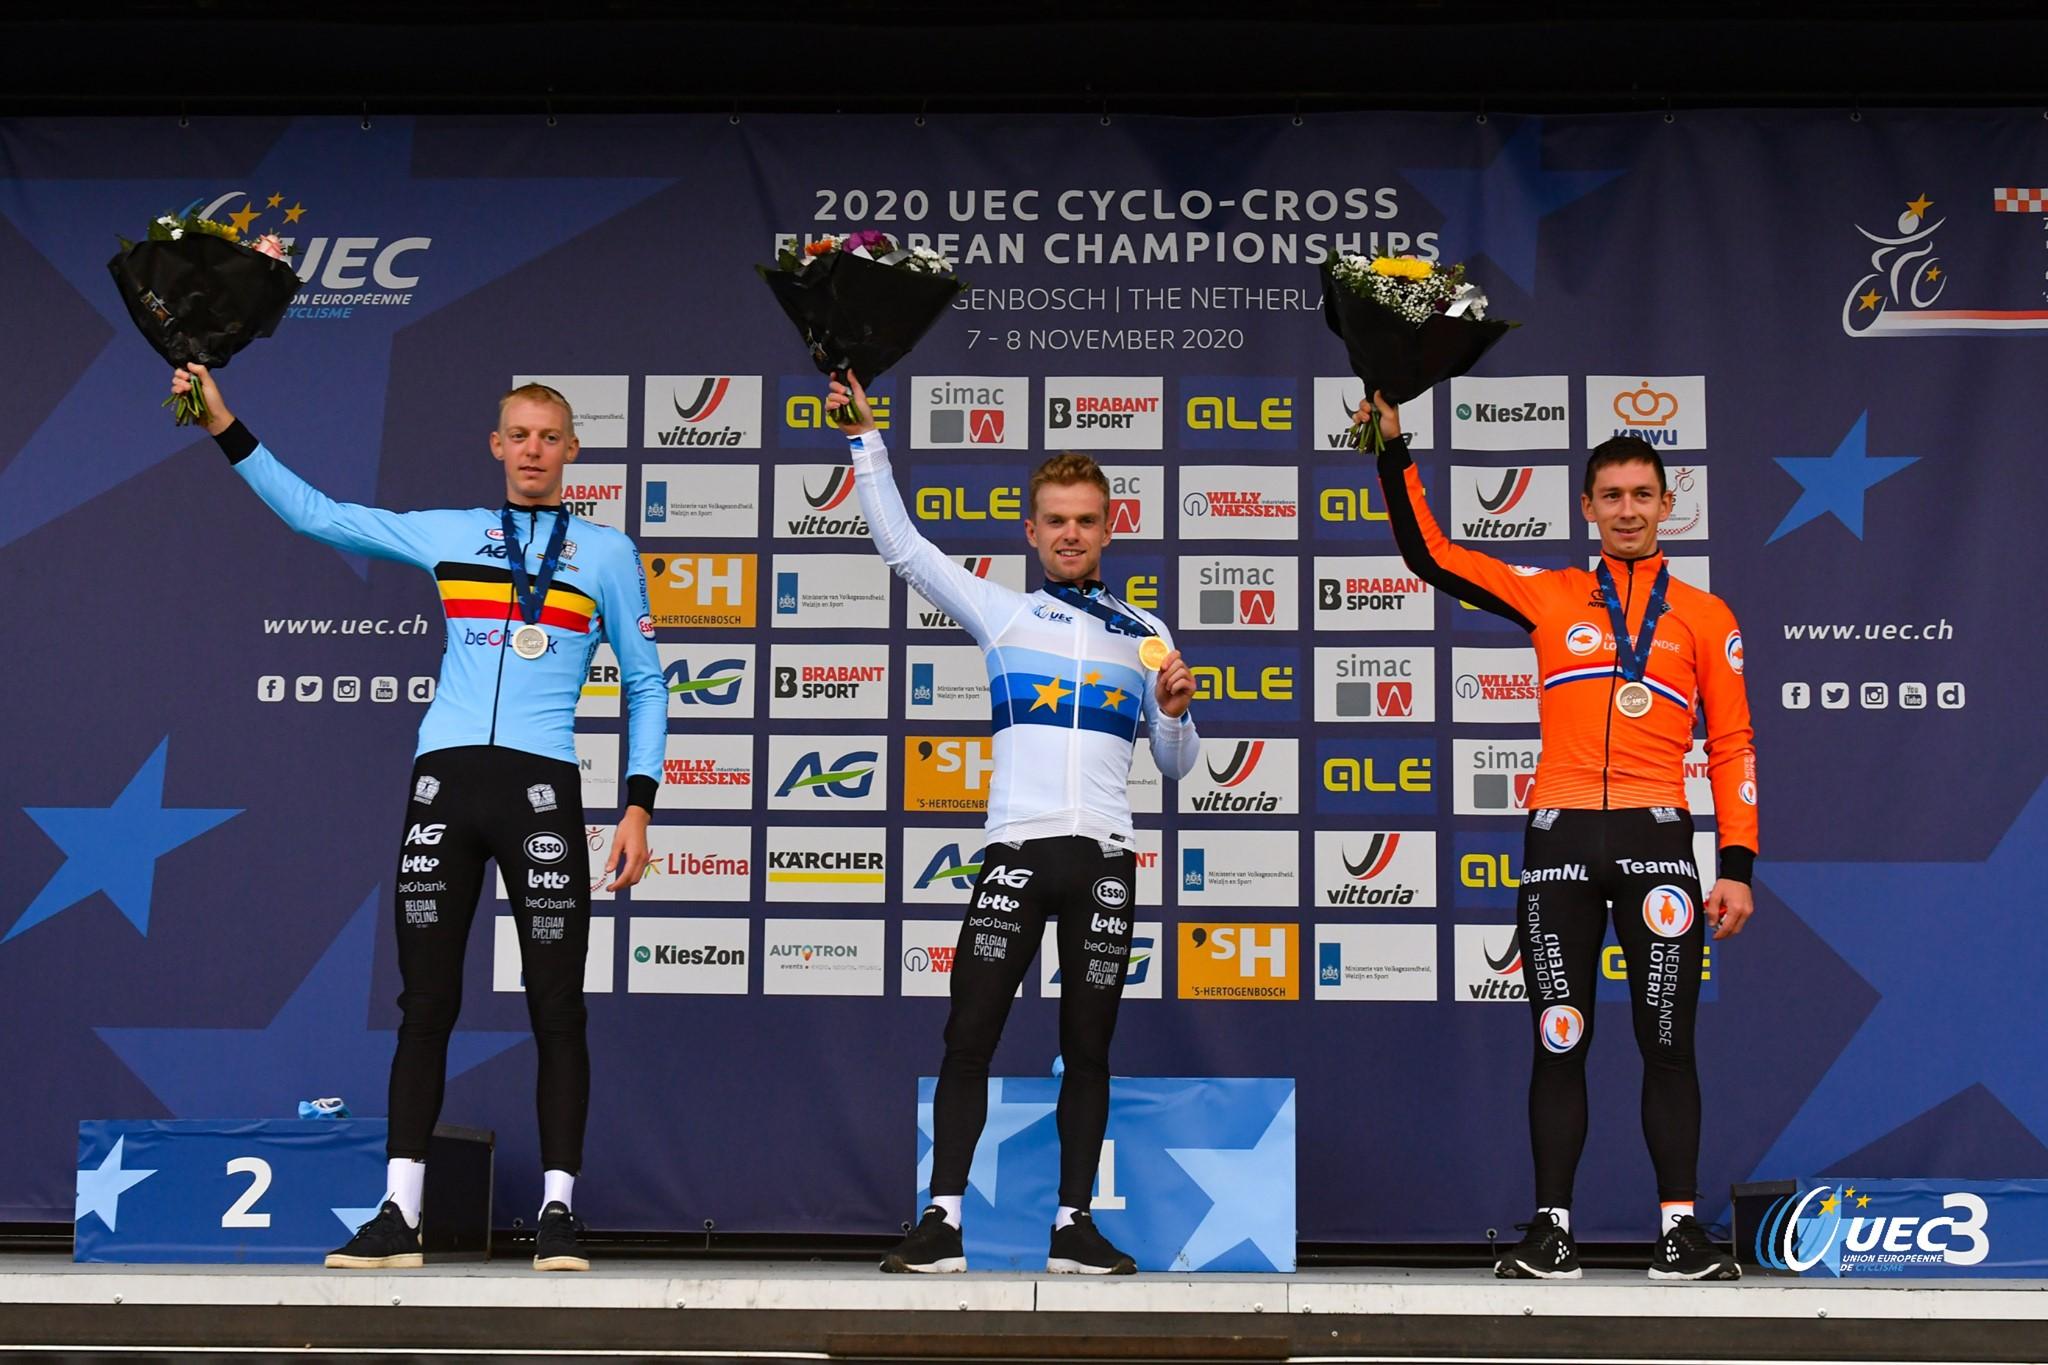 Il podio del Campionato Europeo Ciclocross Elite 2020 (foto UEC/BettiniPhoto)